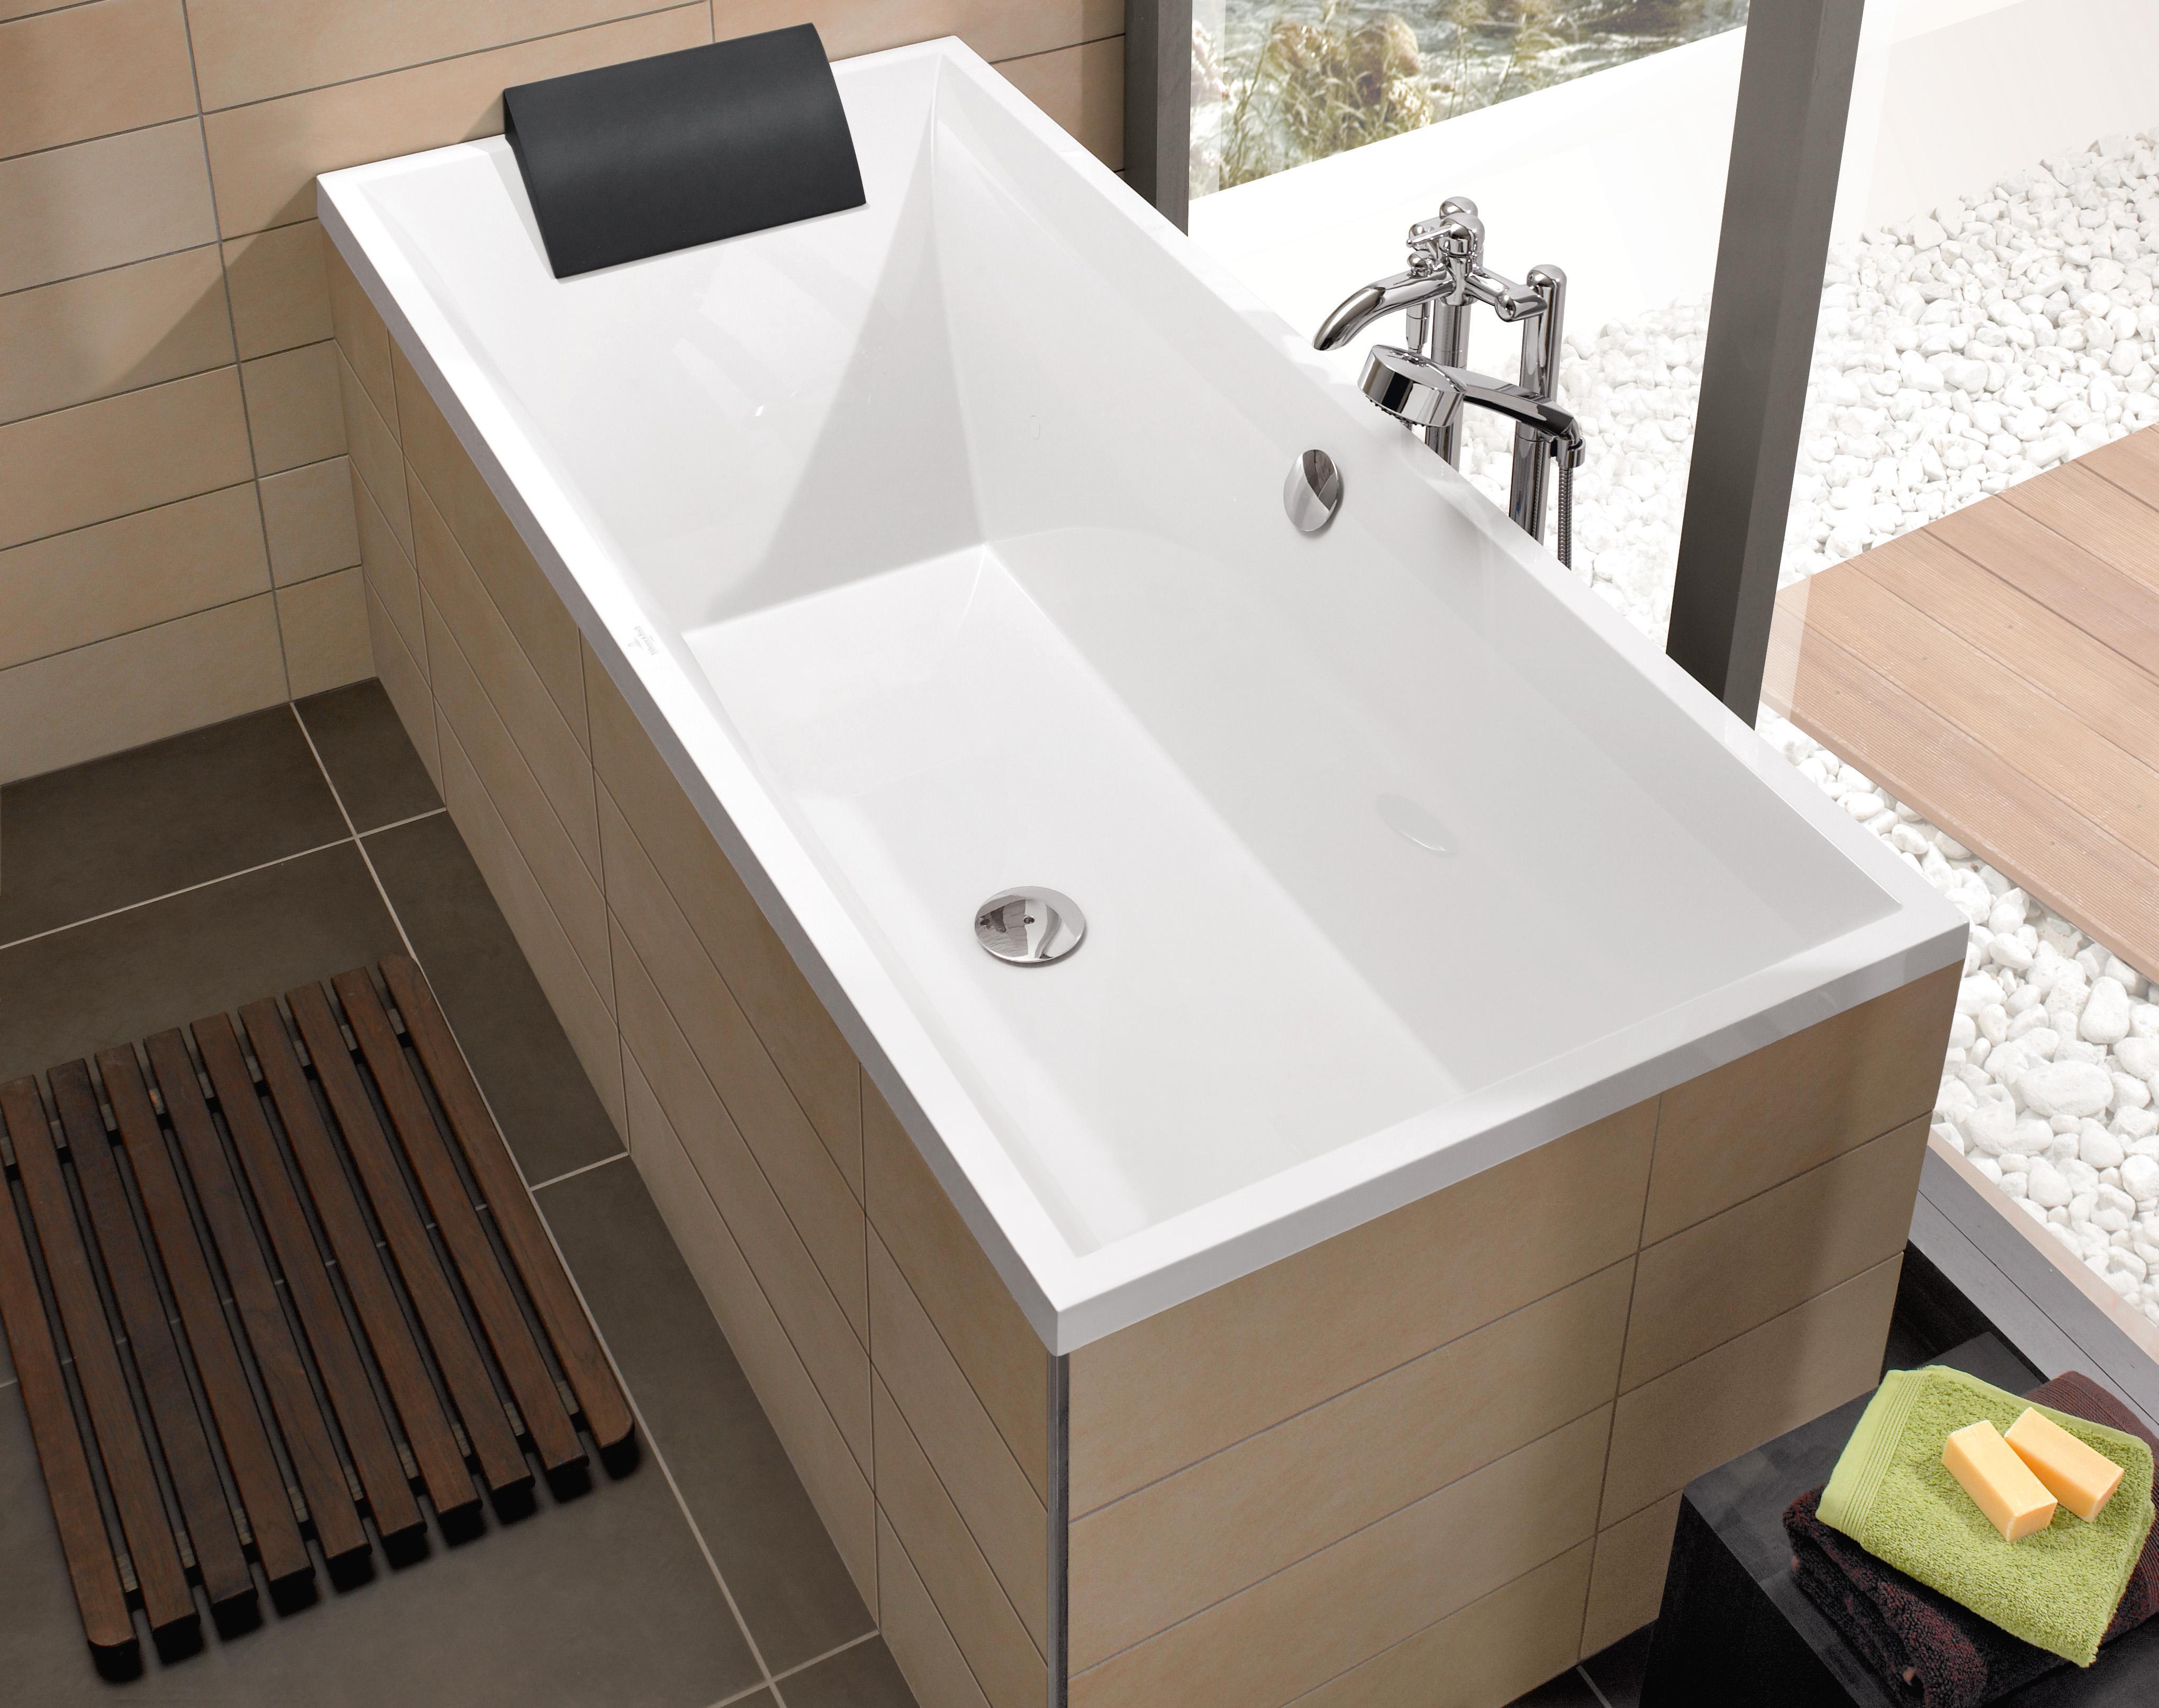 Squaro Bath, Baths, Square baths